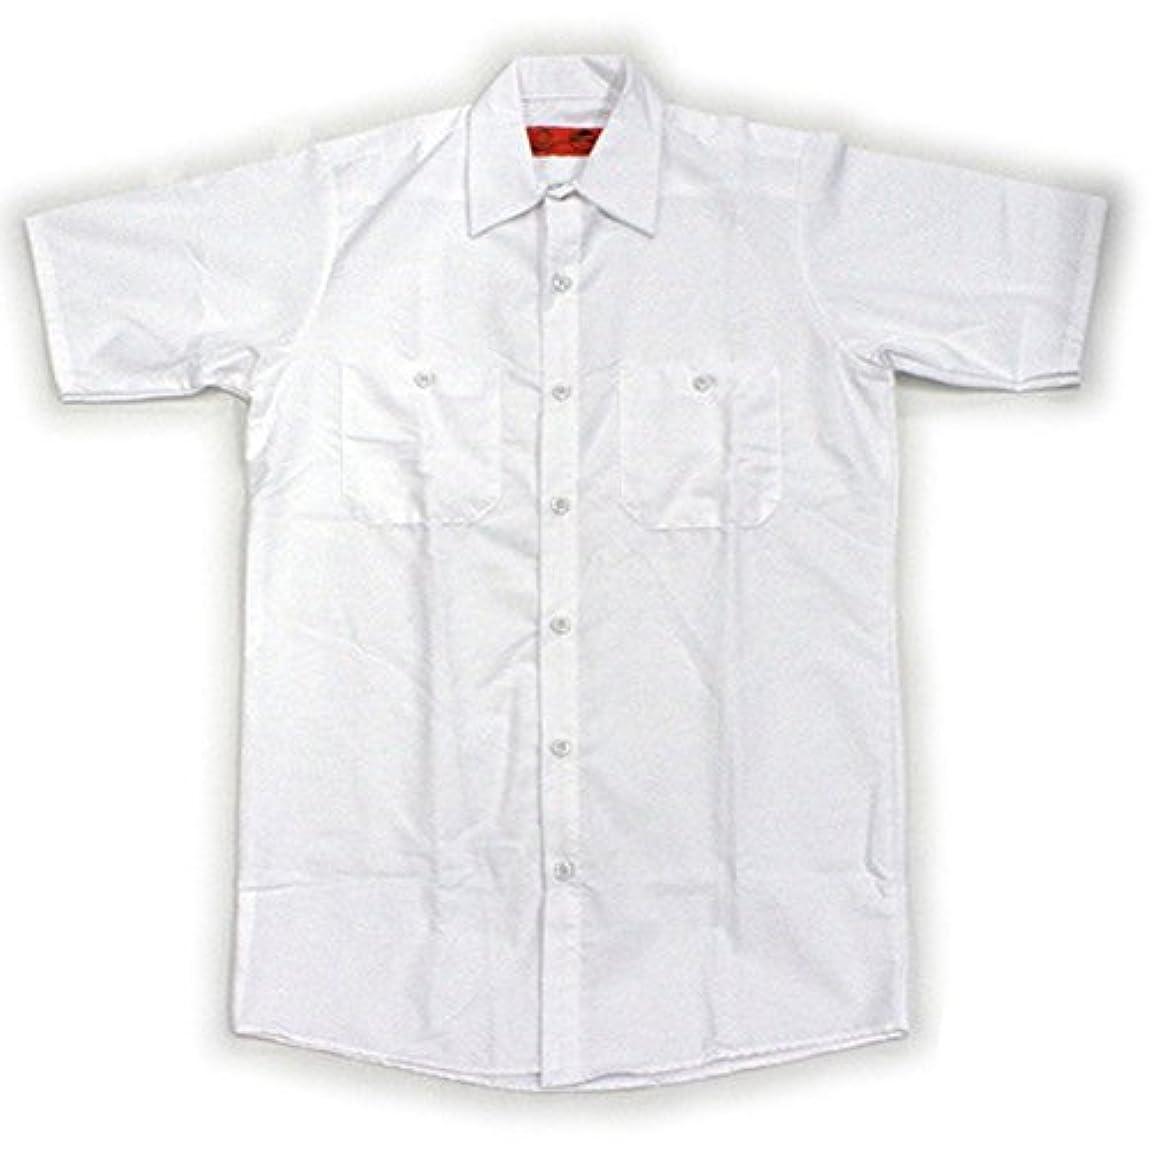 等歌手メダルRED KAP(レッドキャップ)/SHORT SLEEVE SOLID WORK SHIRTS(半袖ソリッドワークシャツ) M WH:ホワイト(White)